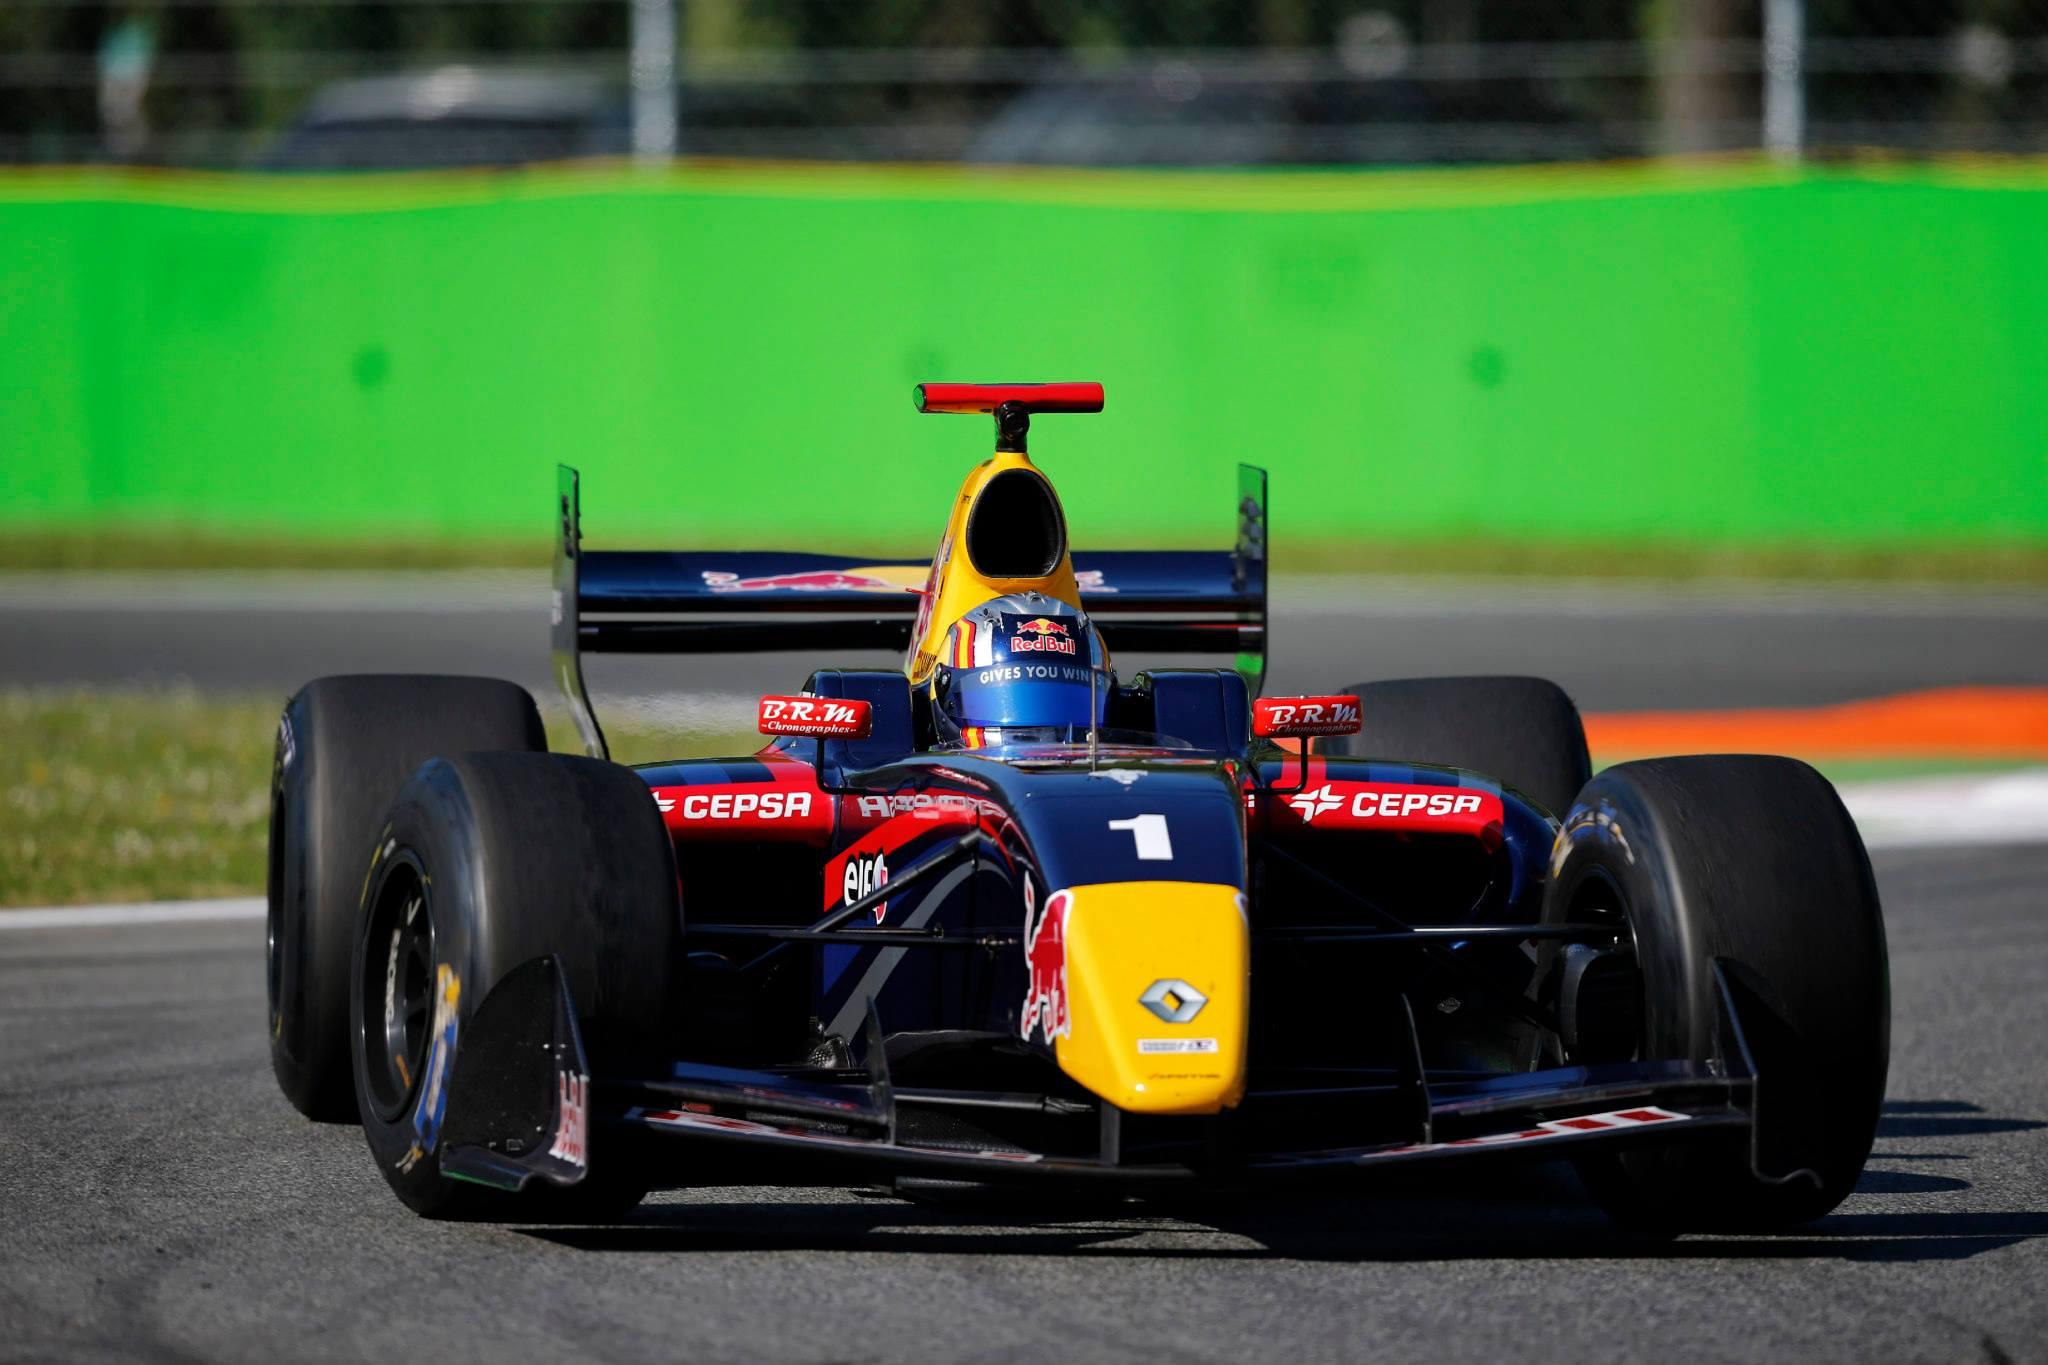 2014 Formula Renault 3.5 Series - Monza - Carlos Sainz